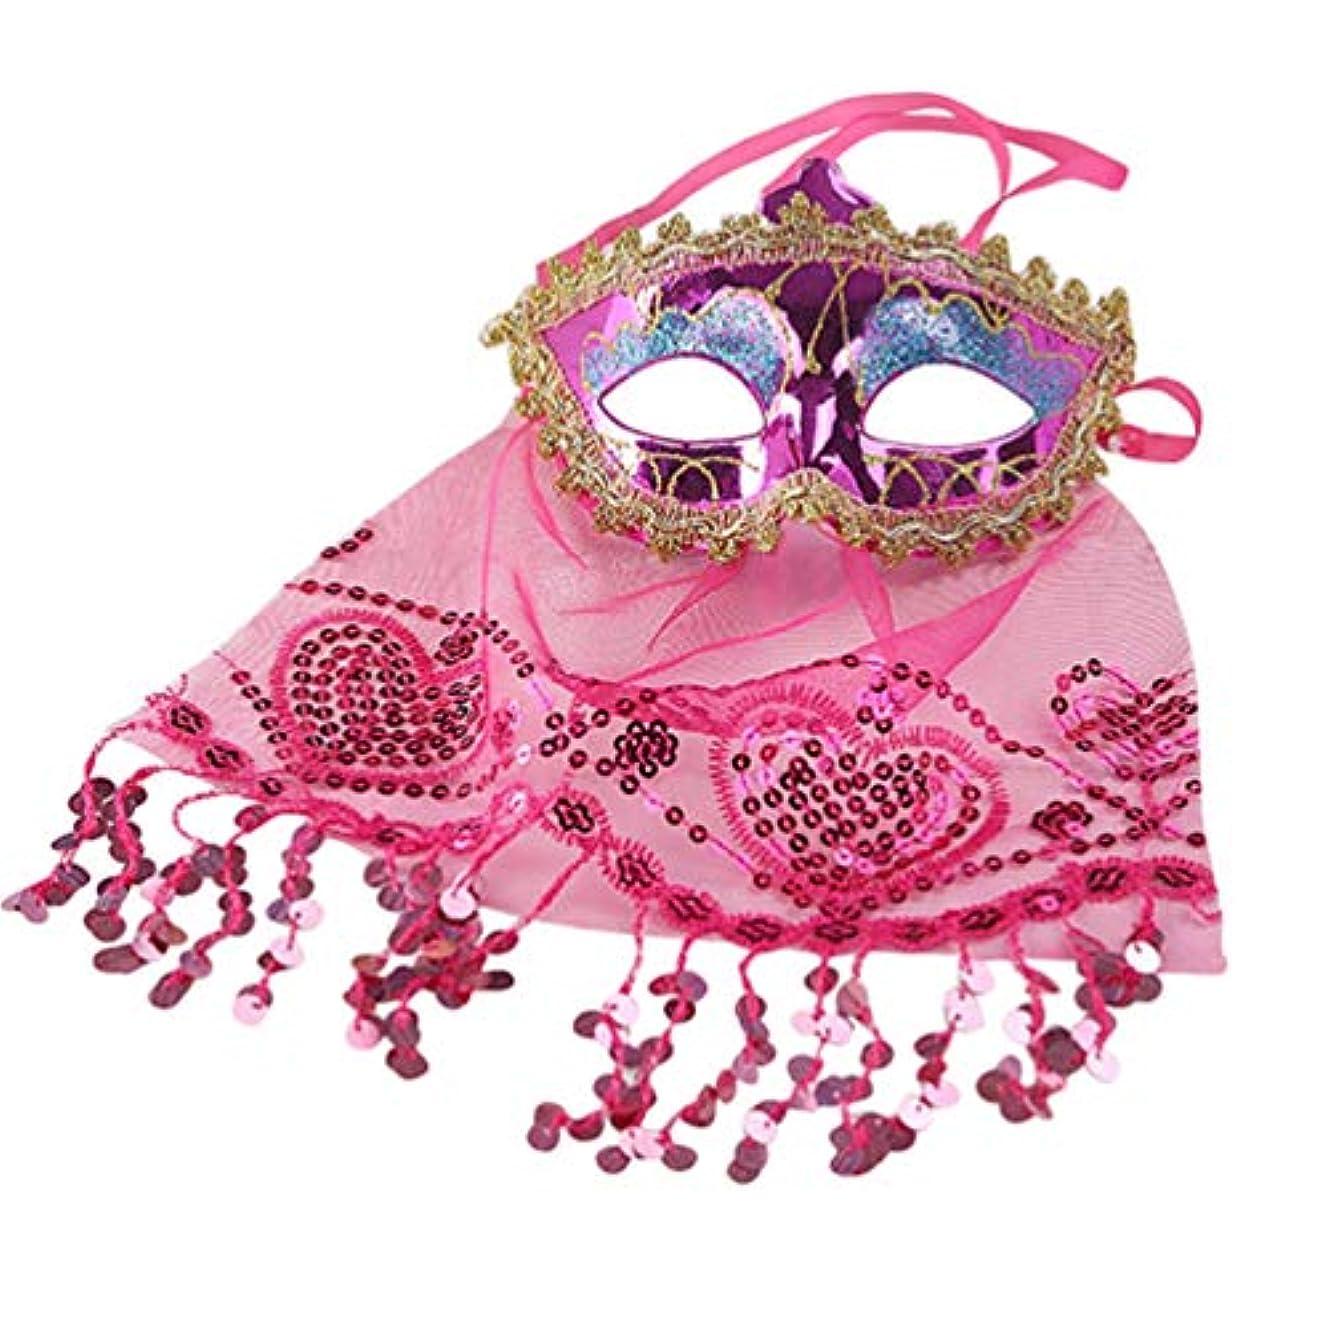 ランチョンおびえたすり減るTOYANDONA ベールマスク ベリーダンスベール 踊り パーティー 魅力的 仮面舞踏会マスク ハロウィンコスチューム